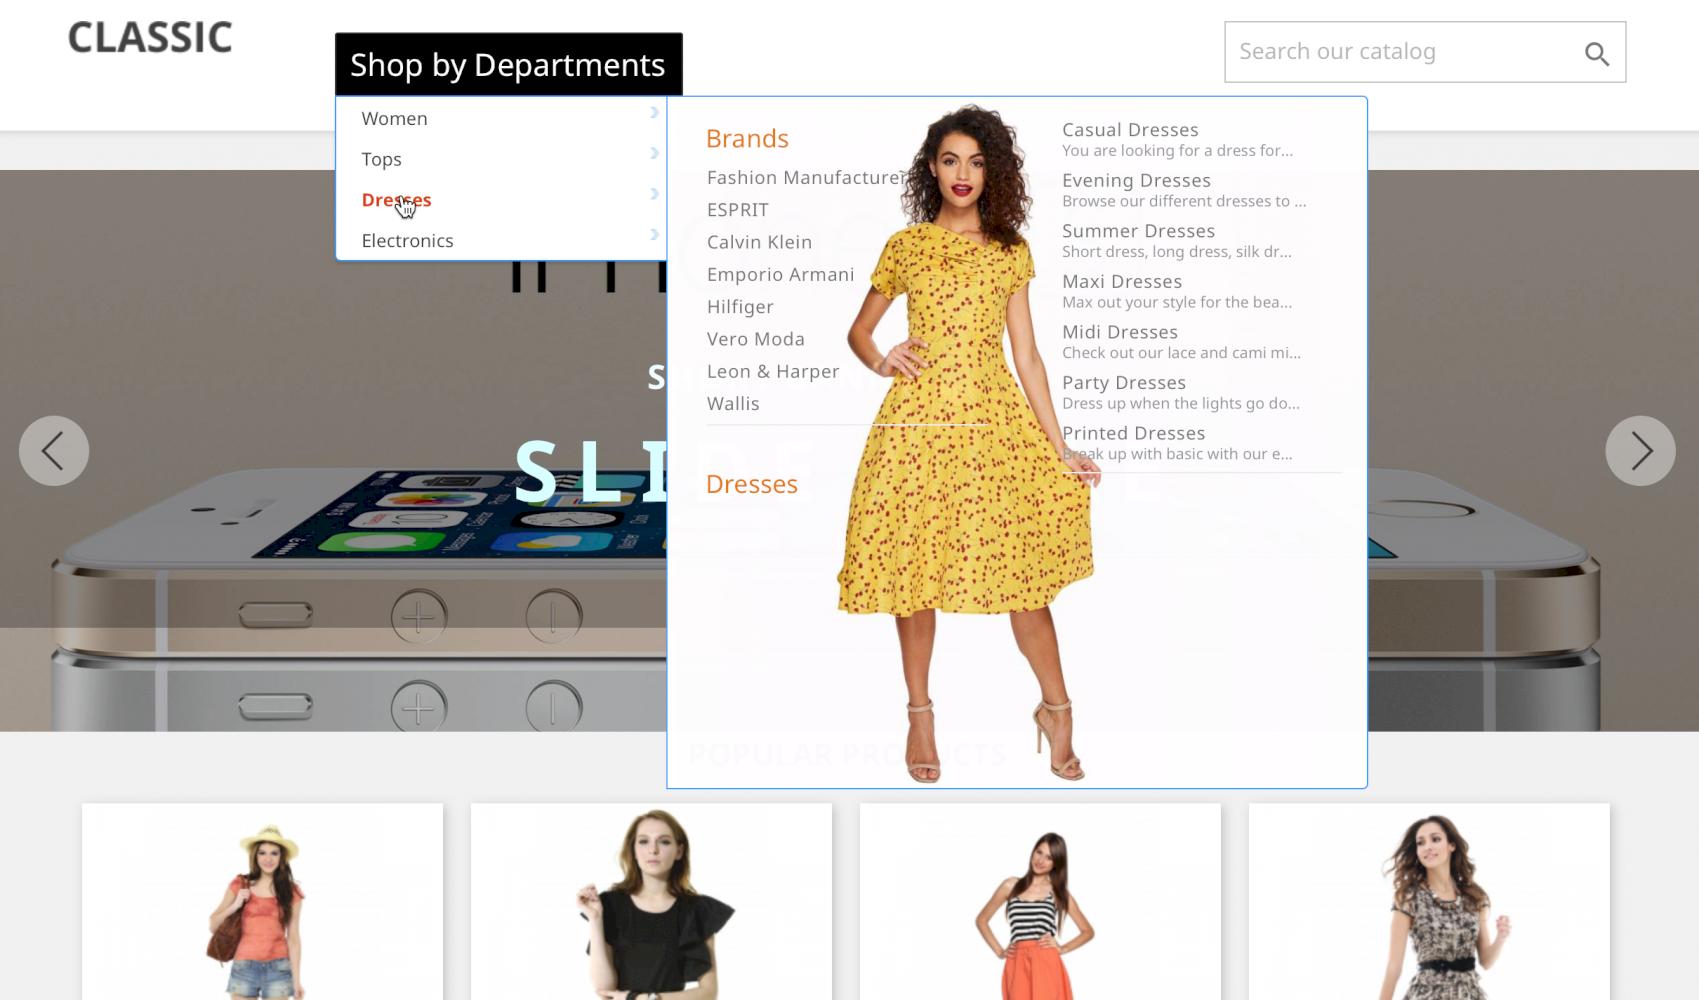 Shop Departments Menu (amazon style)